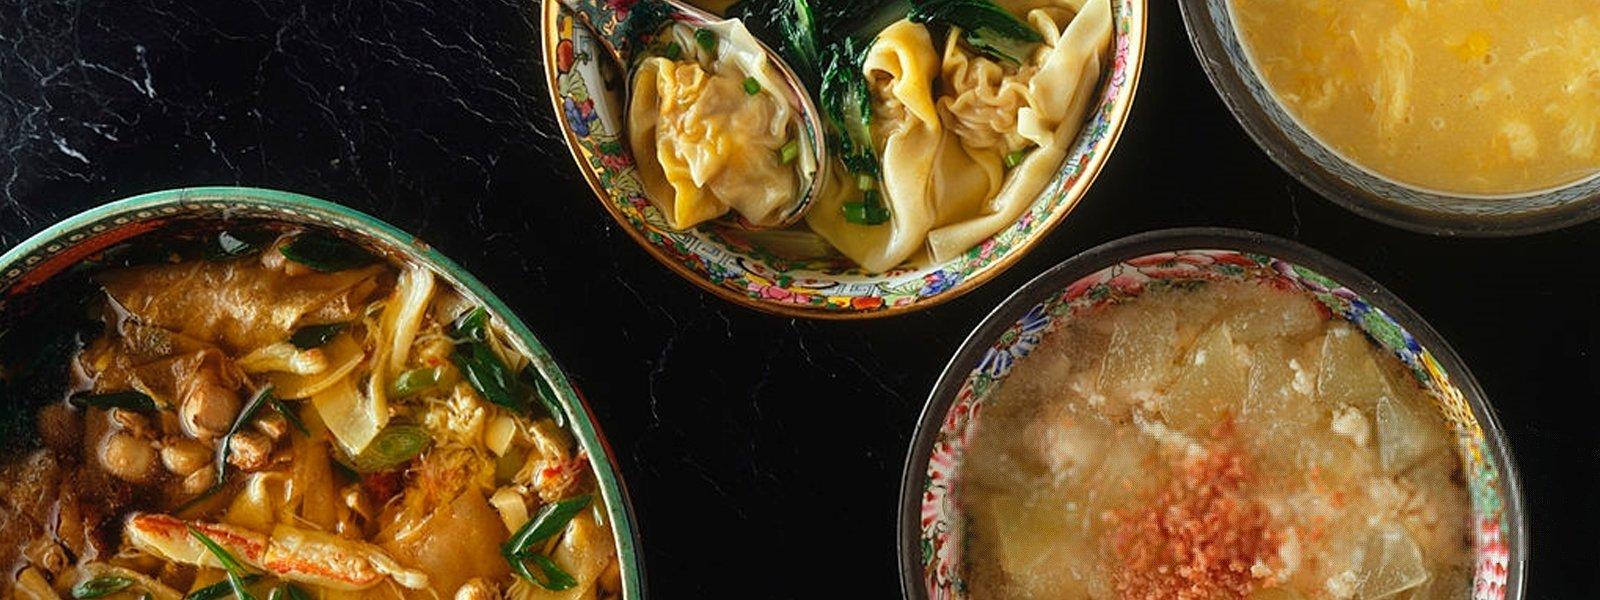 zuppe cinesi